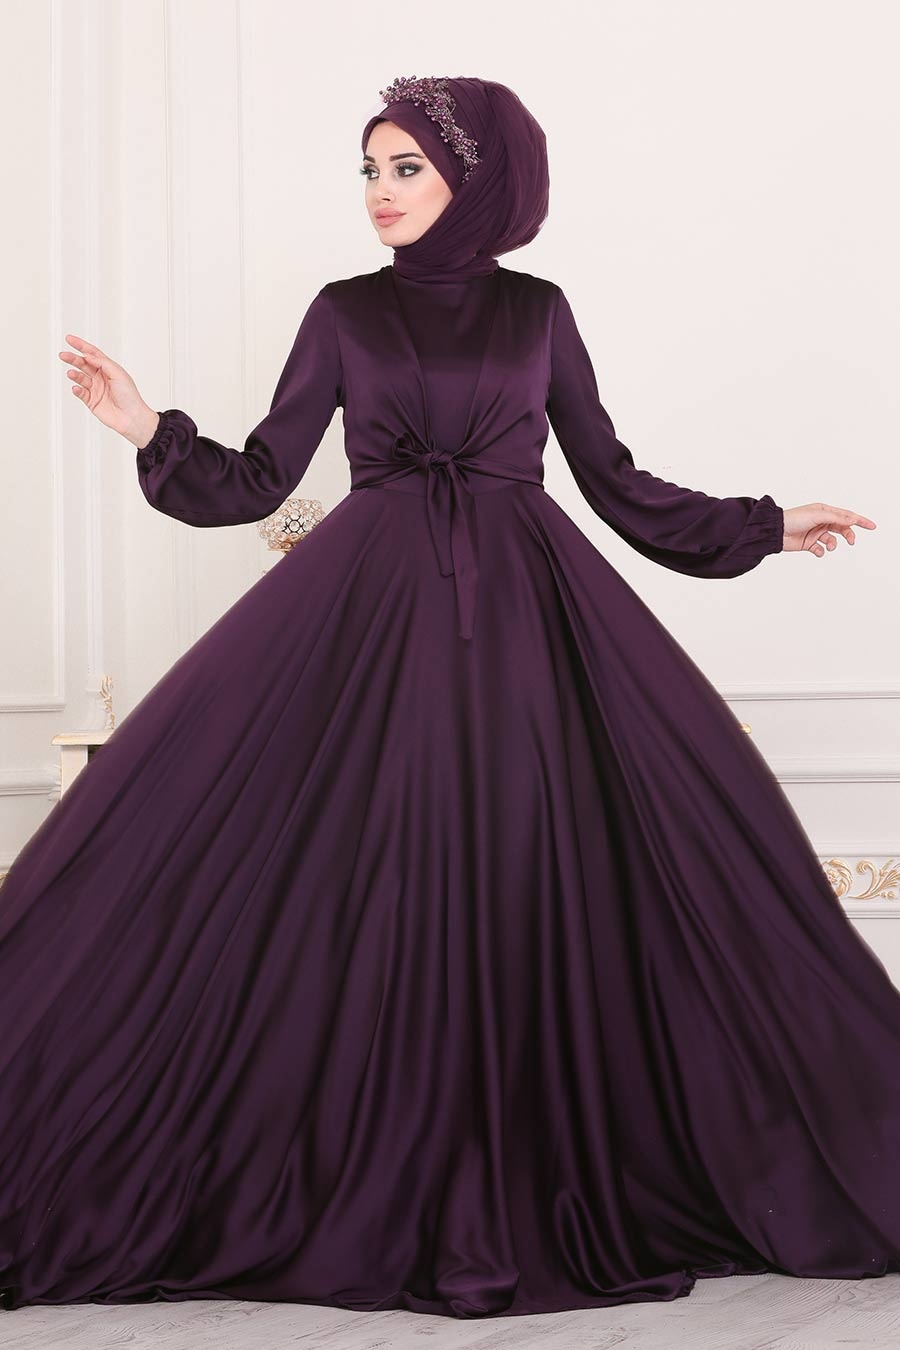 Tesettürlü Abiye Elbise - Krep Saten Mürdüm Tesettür Abiye Elbise 14251MU